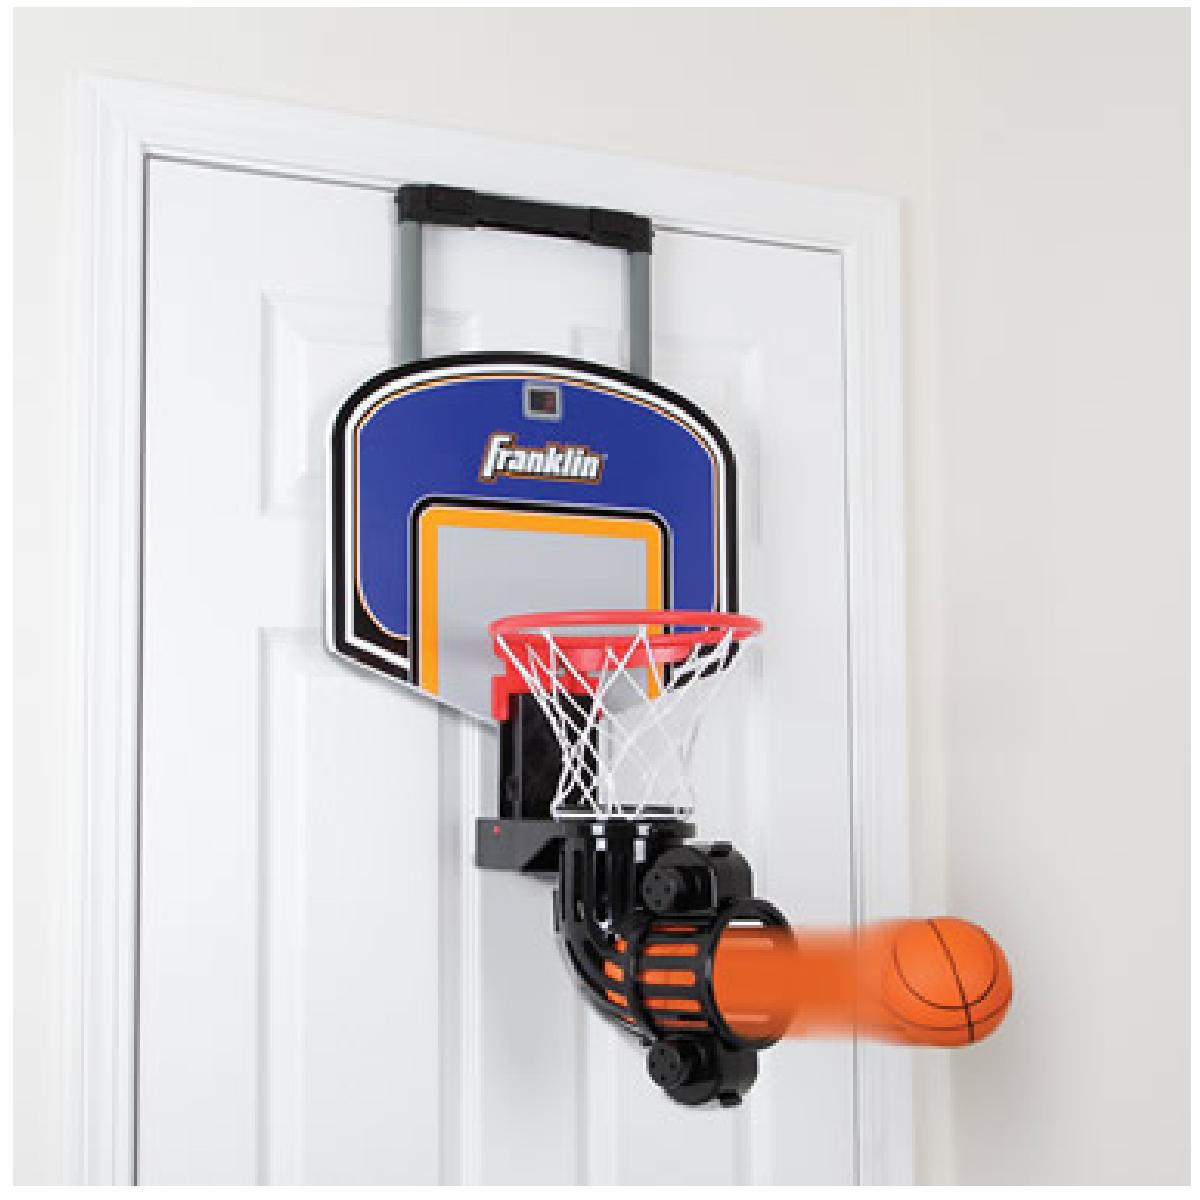 cadeaux 2 ouf id es de cadeaux insolites et originaux l entraineur de basket personnel. Black Bedroom Furniture Sets. Home Design Ideas